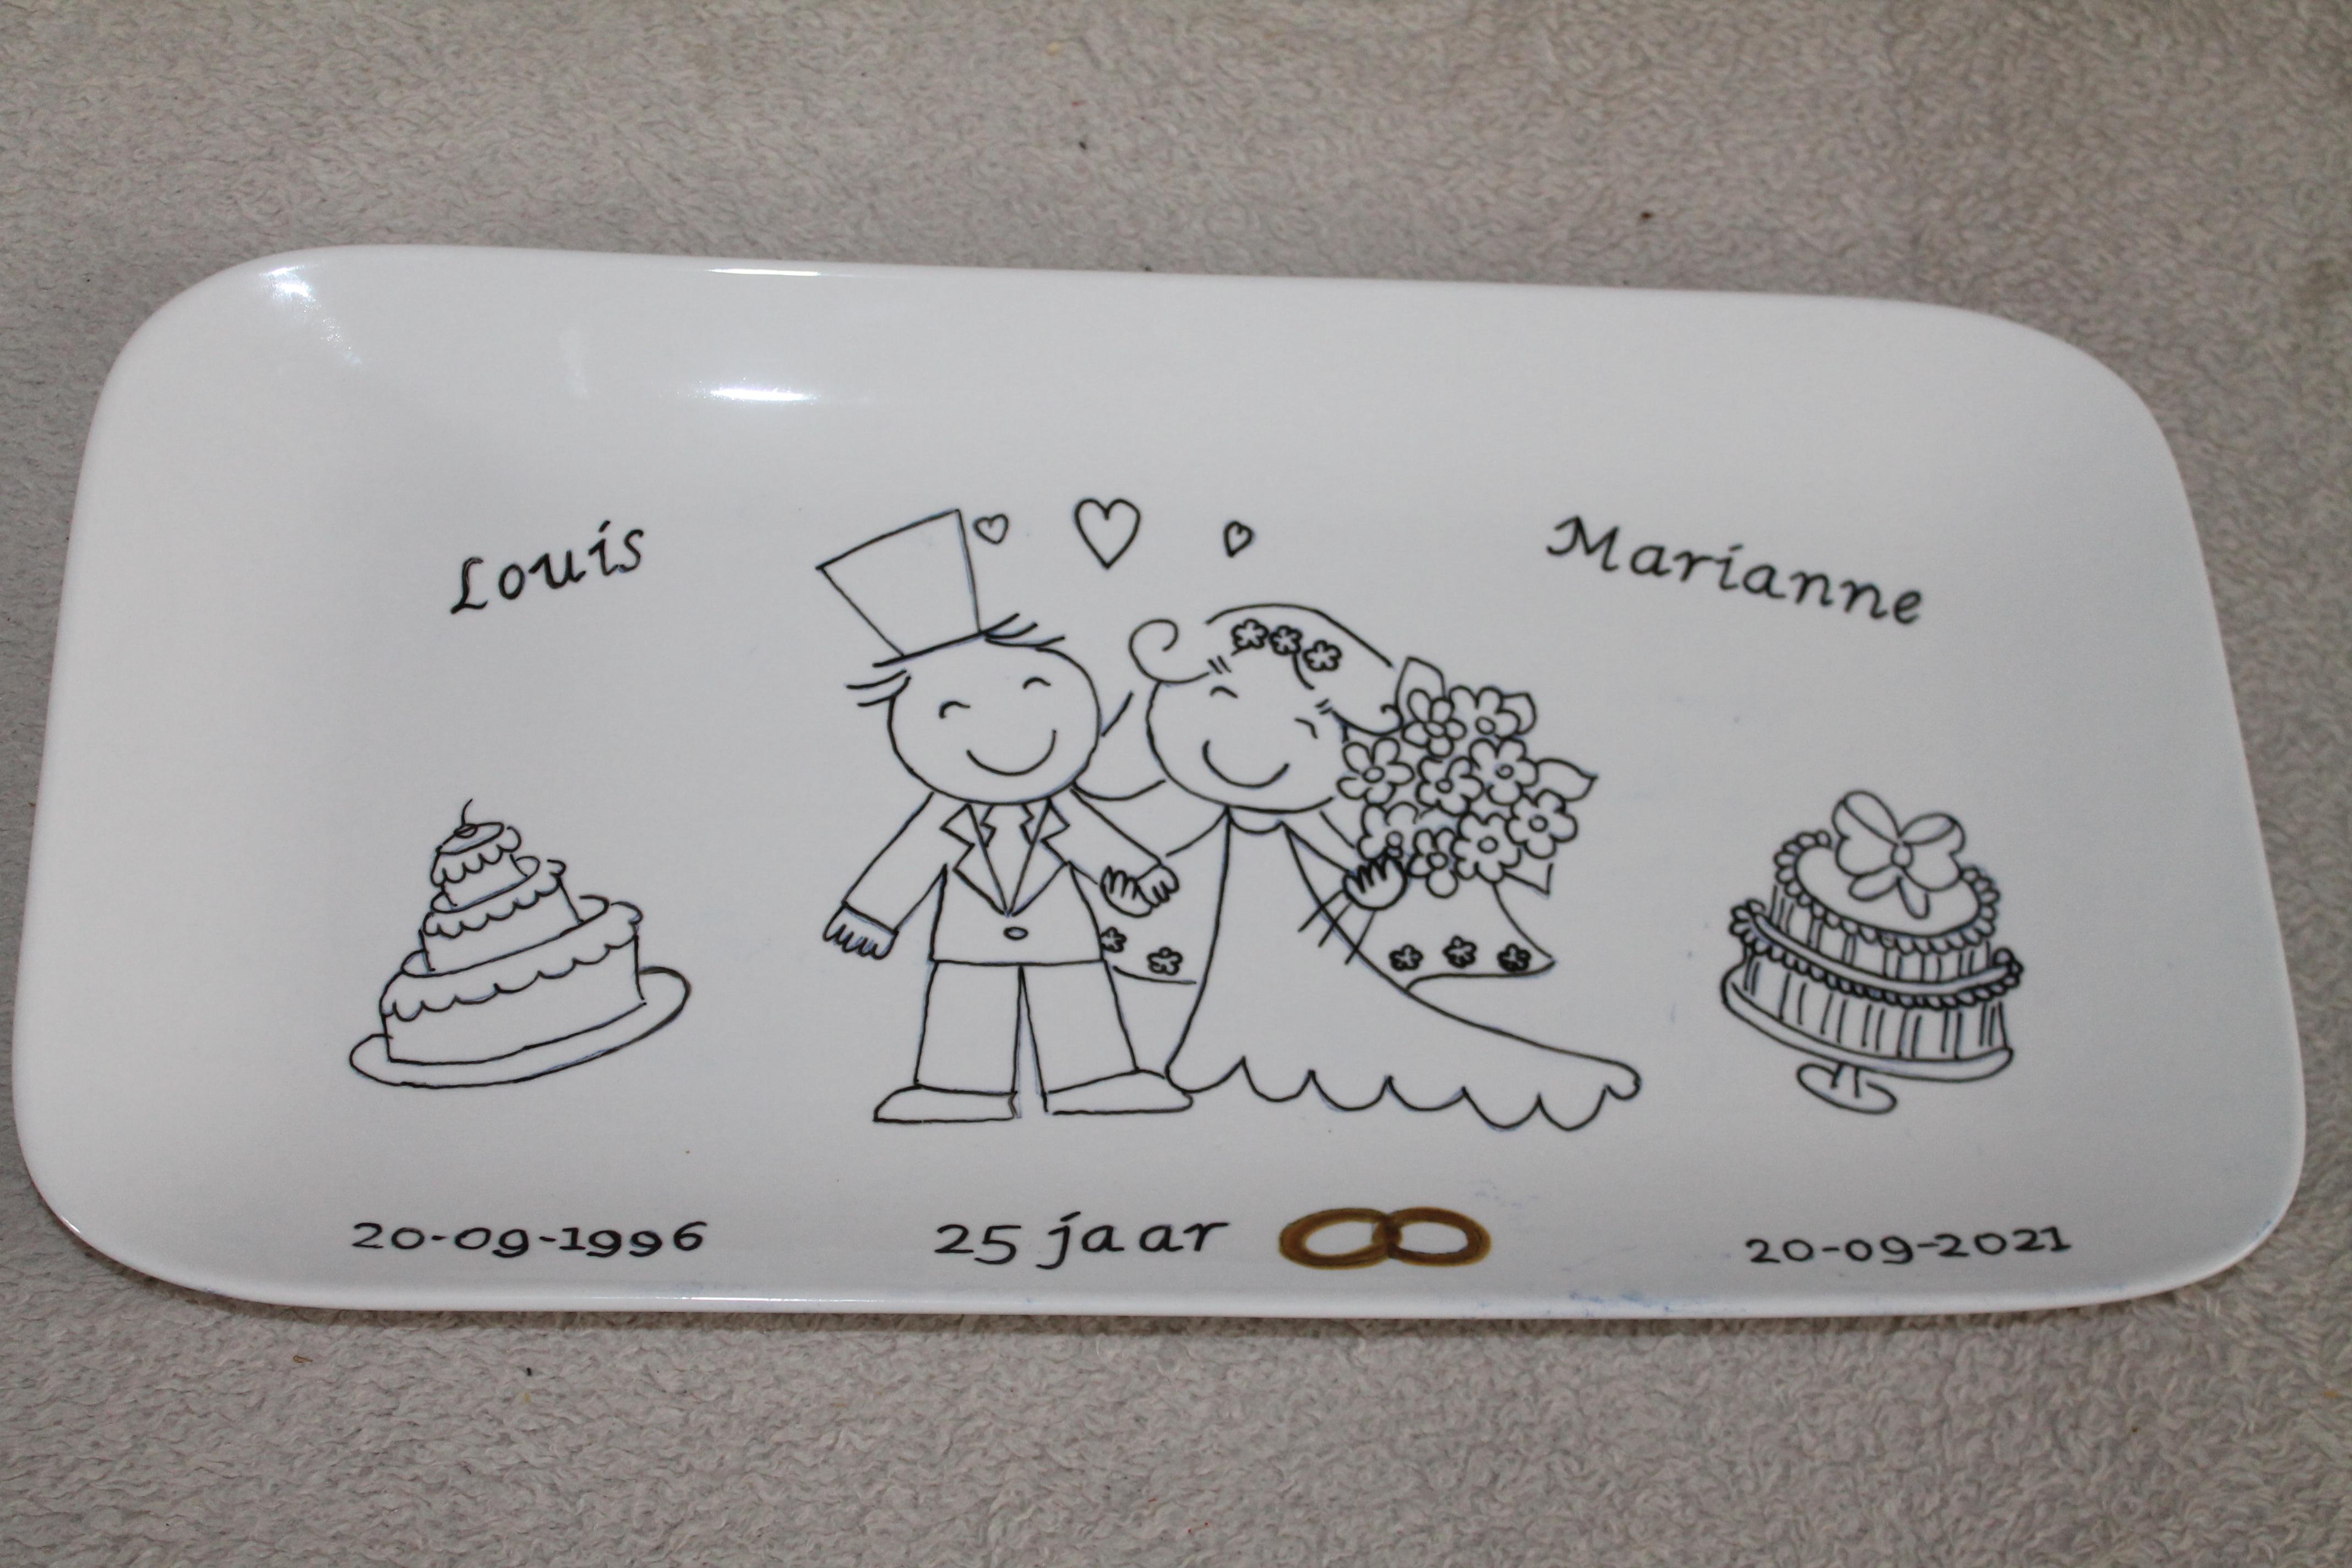 12 5 jaar getrouwd origineel kado Bekend Origineel Cadeau 12 5 Jaar Getrouwd @NN21  12 5 jaar getrouwd origineel kado